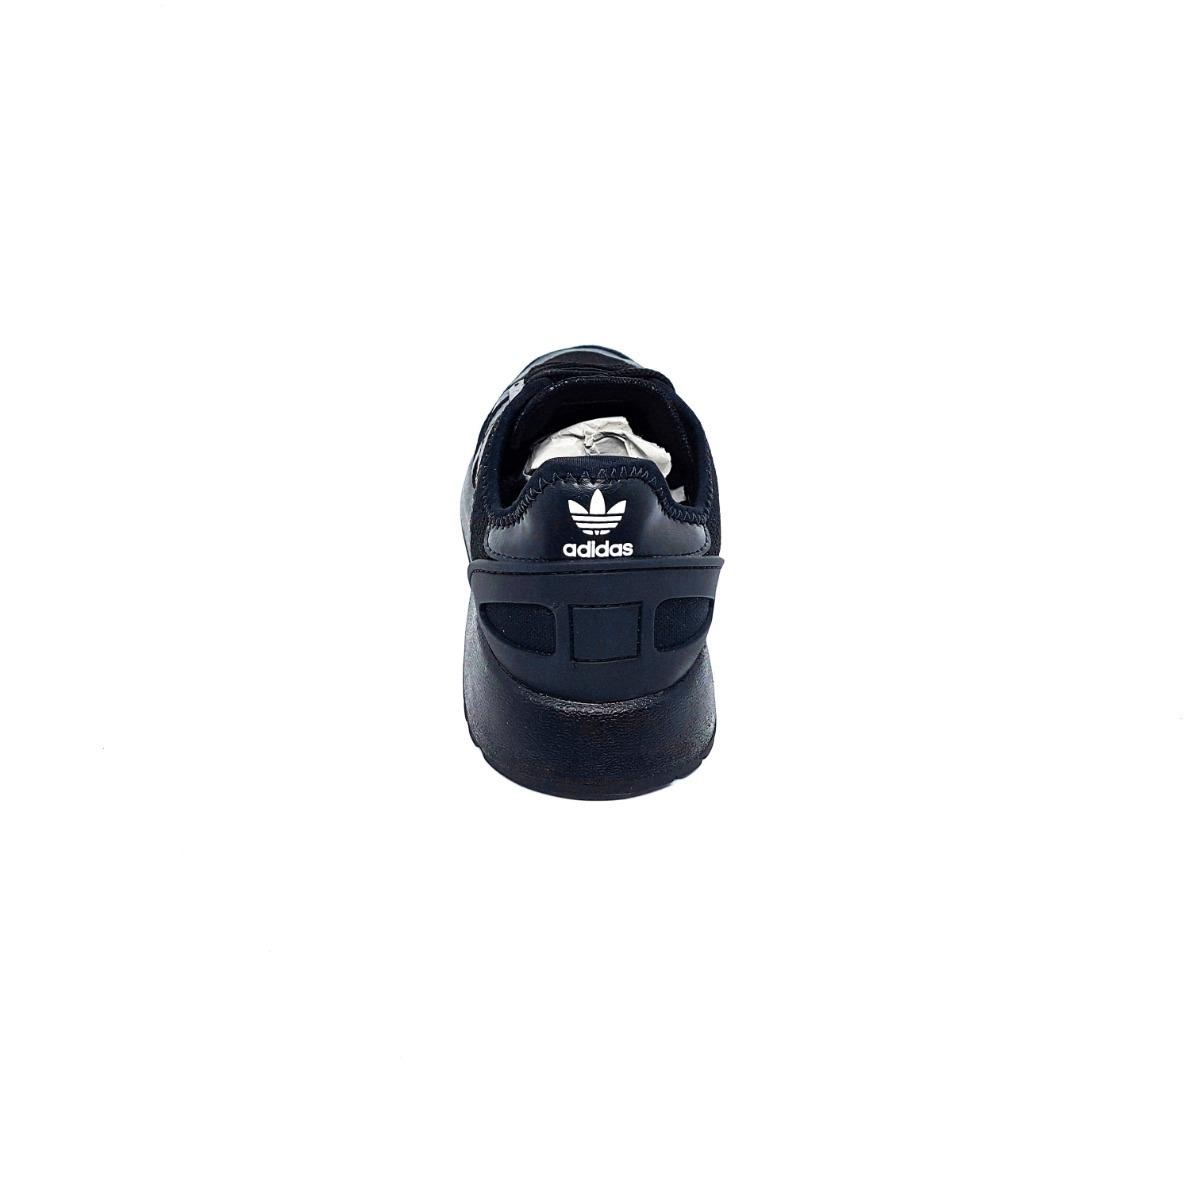 tênis adidas iniki runner i5923 importado com frete grátis. Carregando zoom. 9dc578df67d04